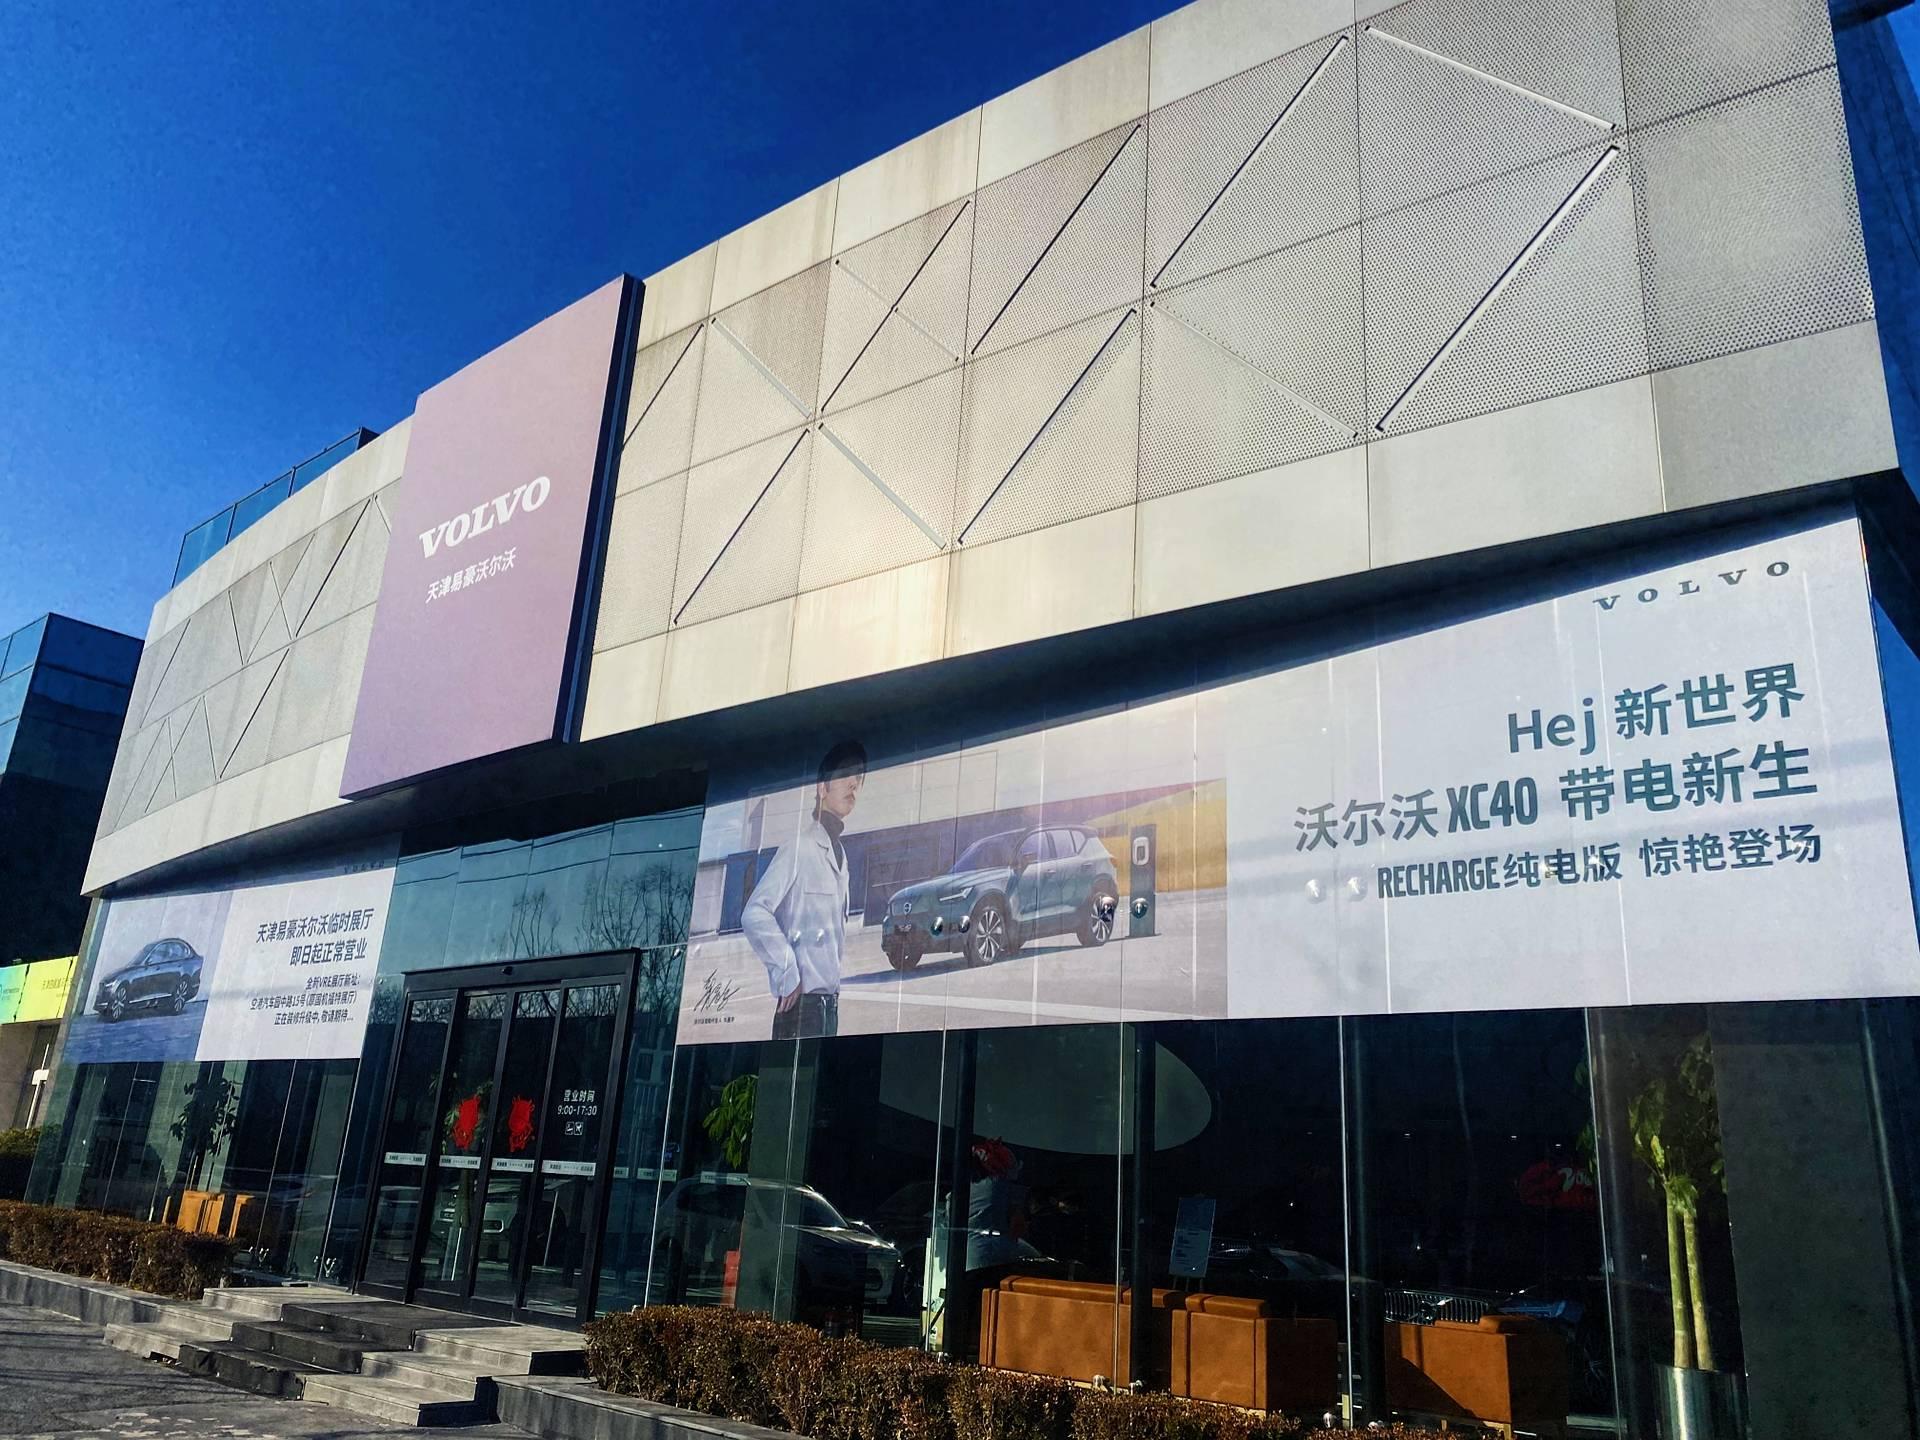 匠心唯沃 绽放津门-富豪集团沃尔沃品牌第十一店登陆天津